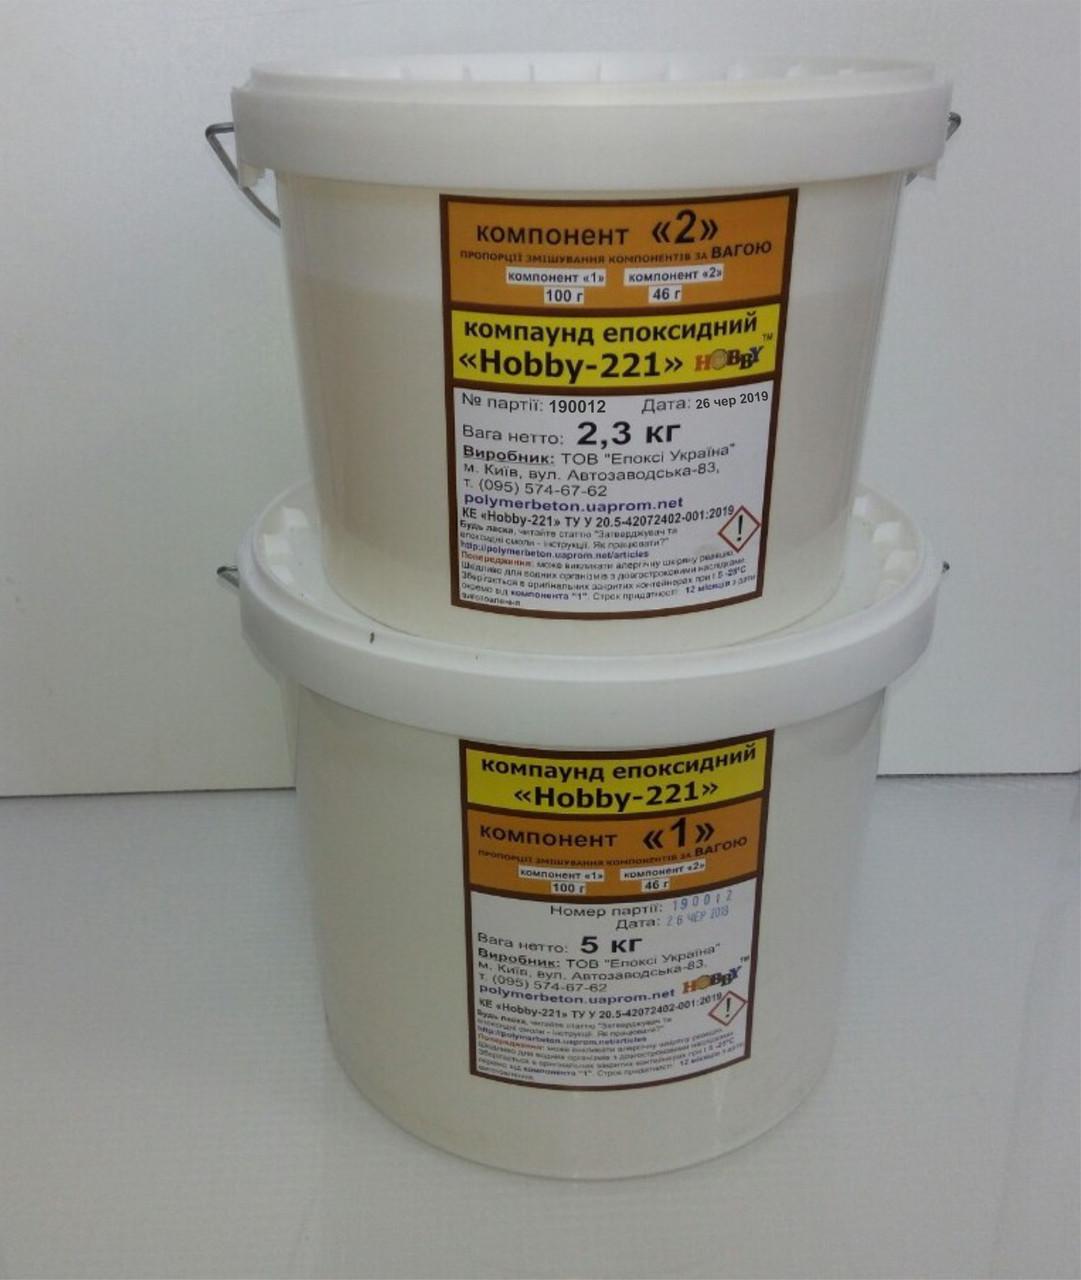 Смола епоксидна КЕ «Hobby 221» для бетону